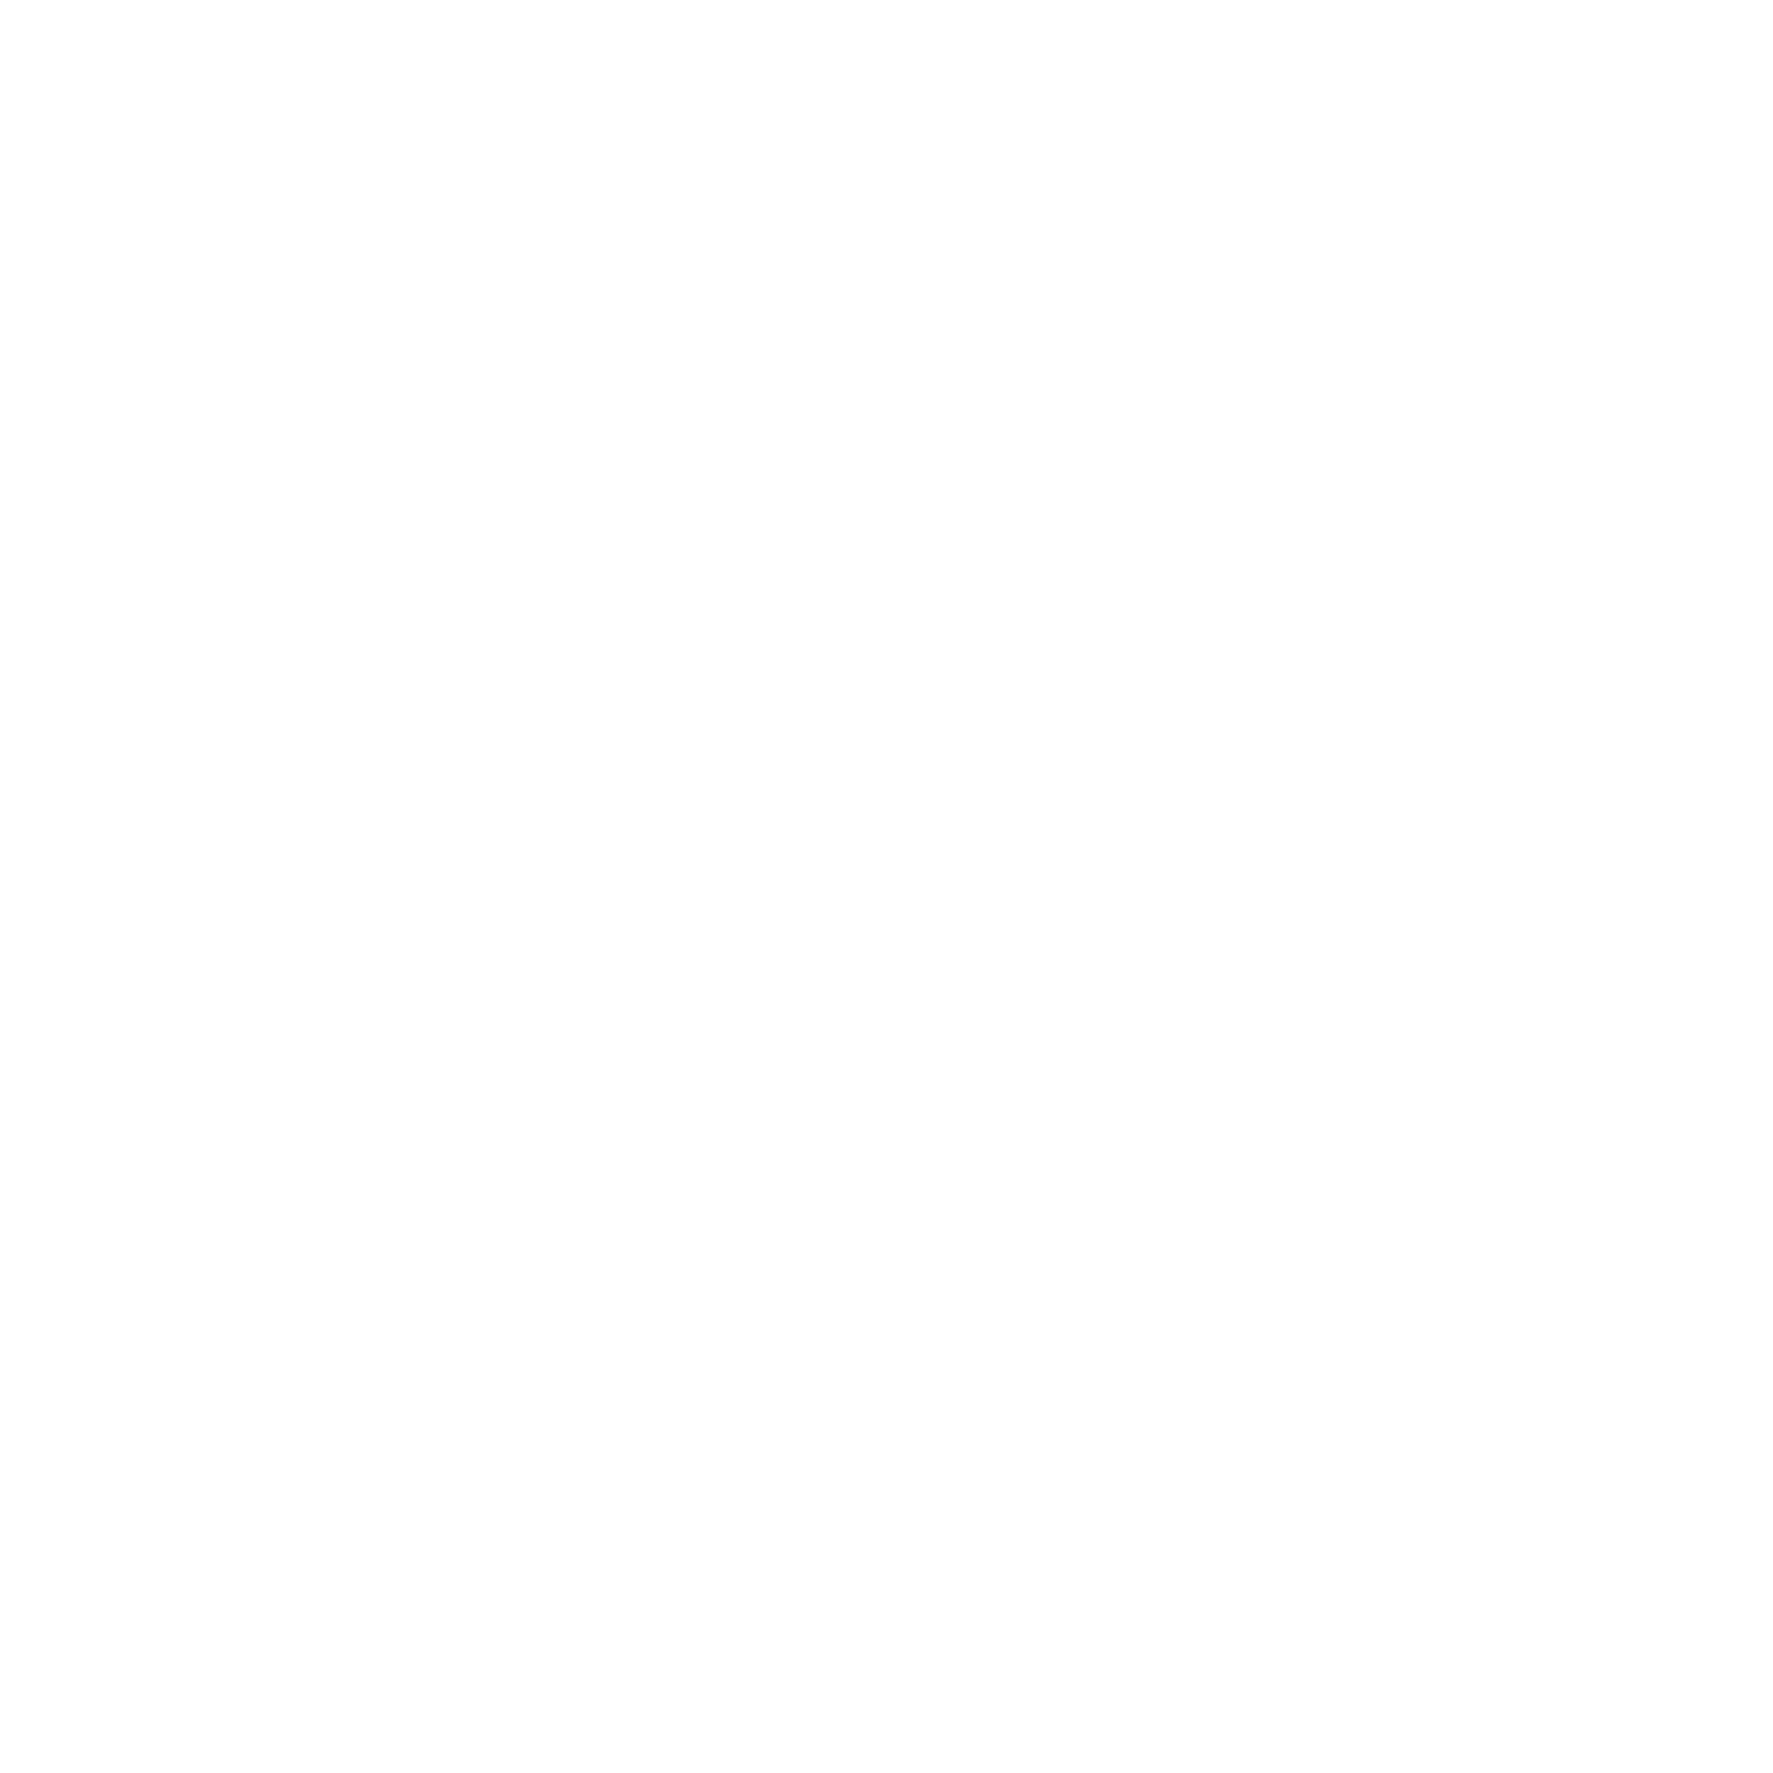 ESOP Certified Mark